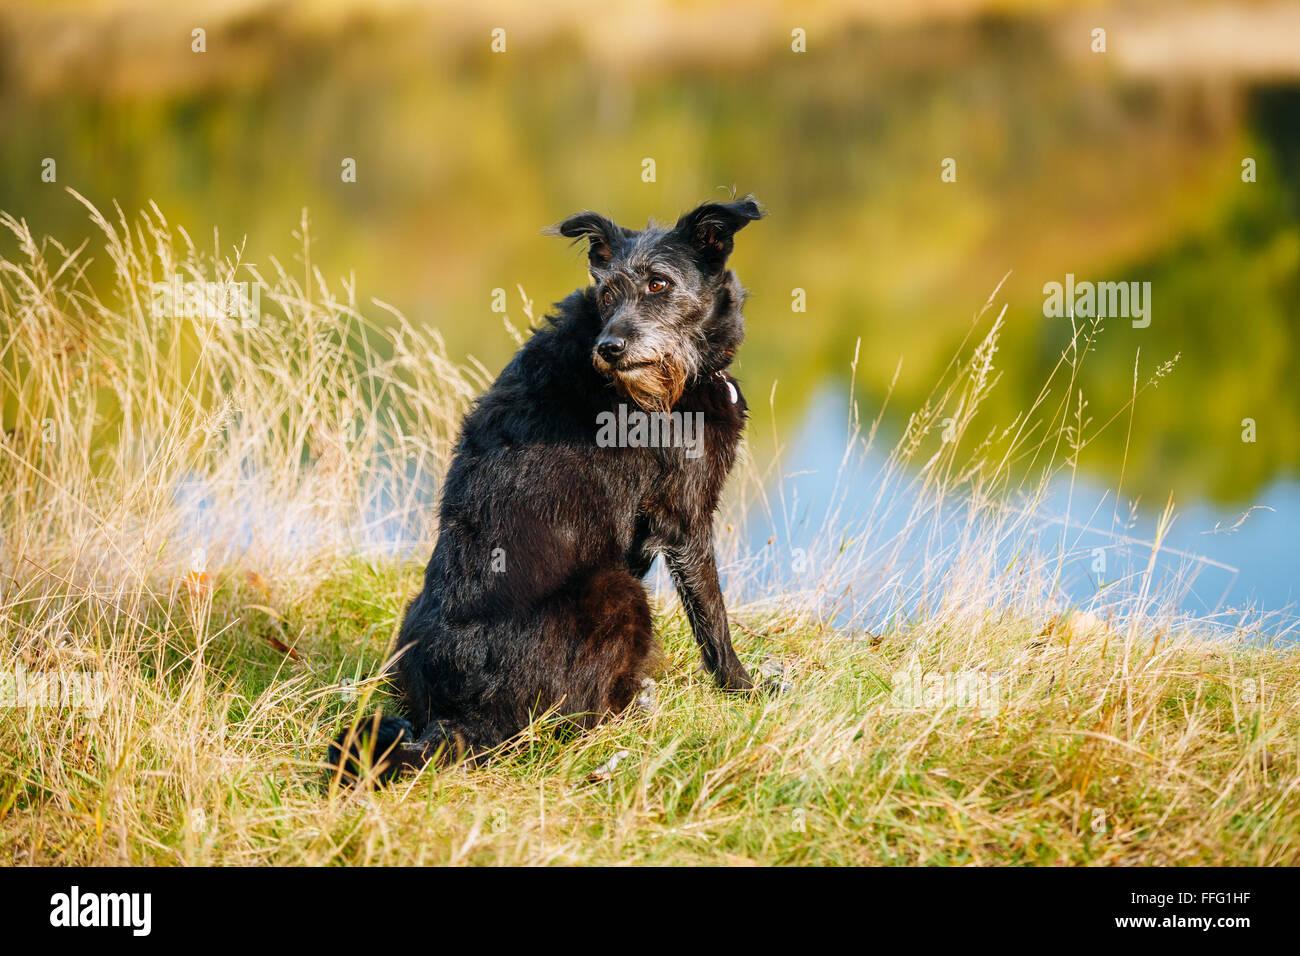 Taille petit chien noir dans l'herbe près de la rivière, lac. La saison d'été. Photo Stock